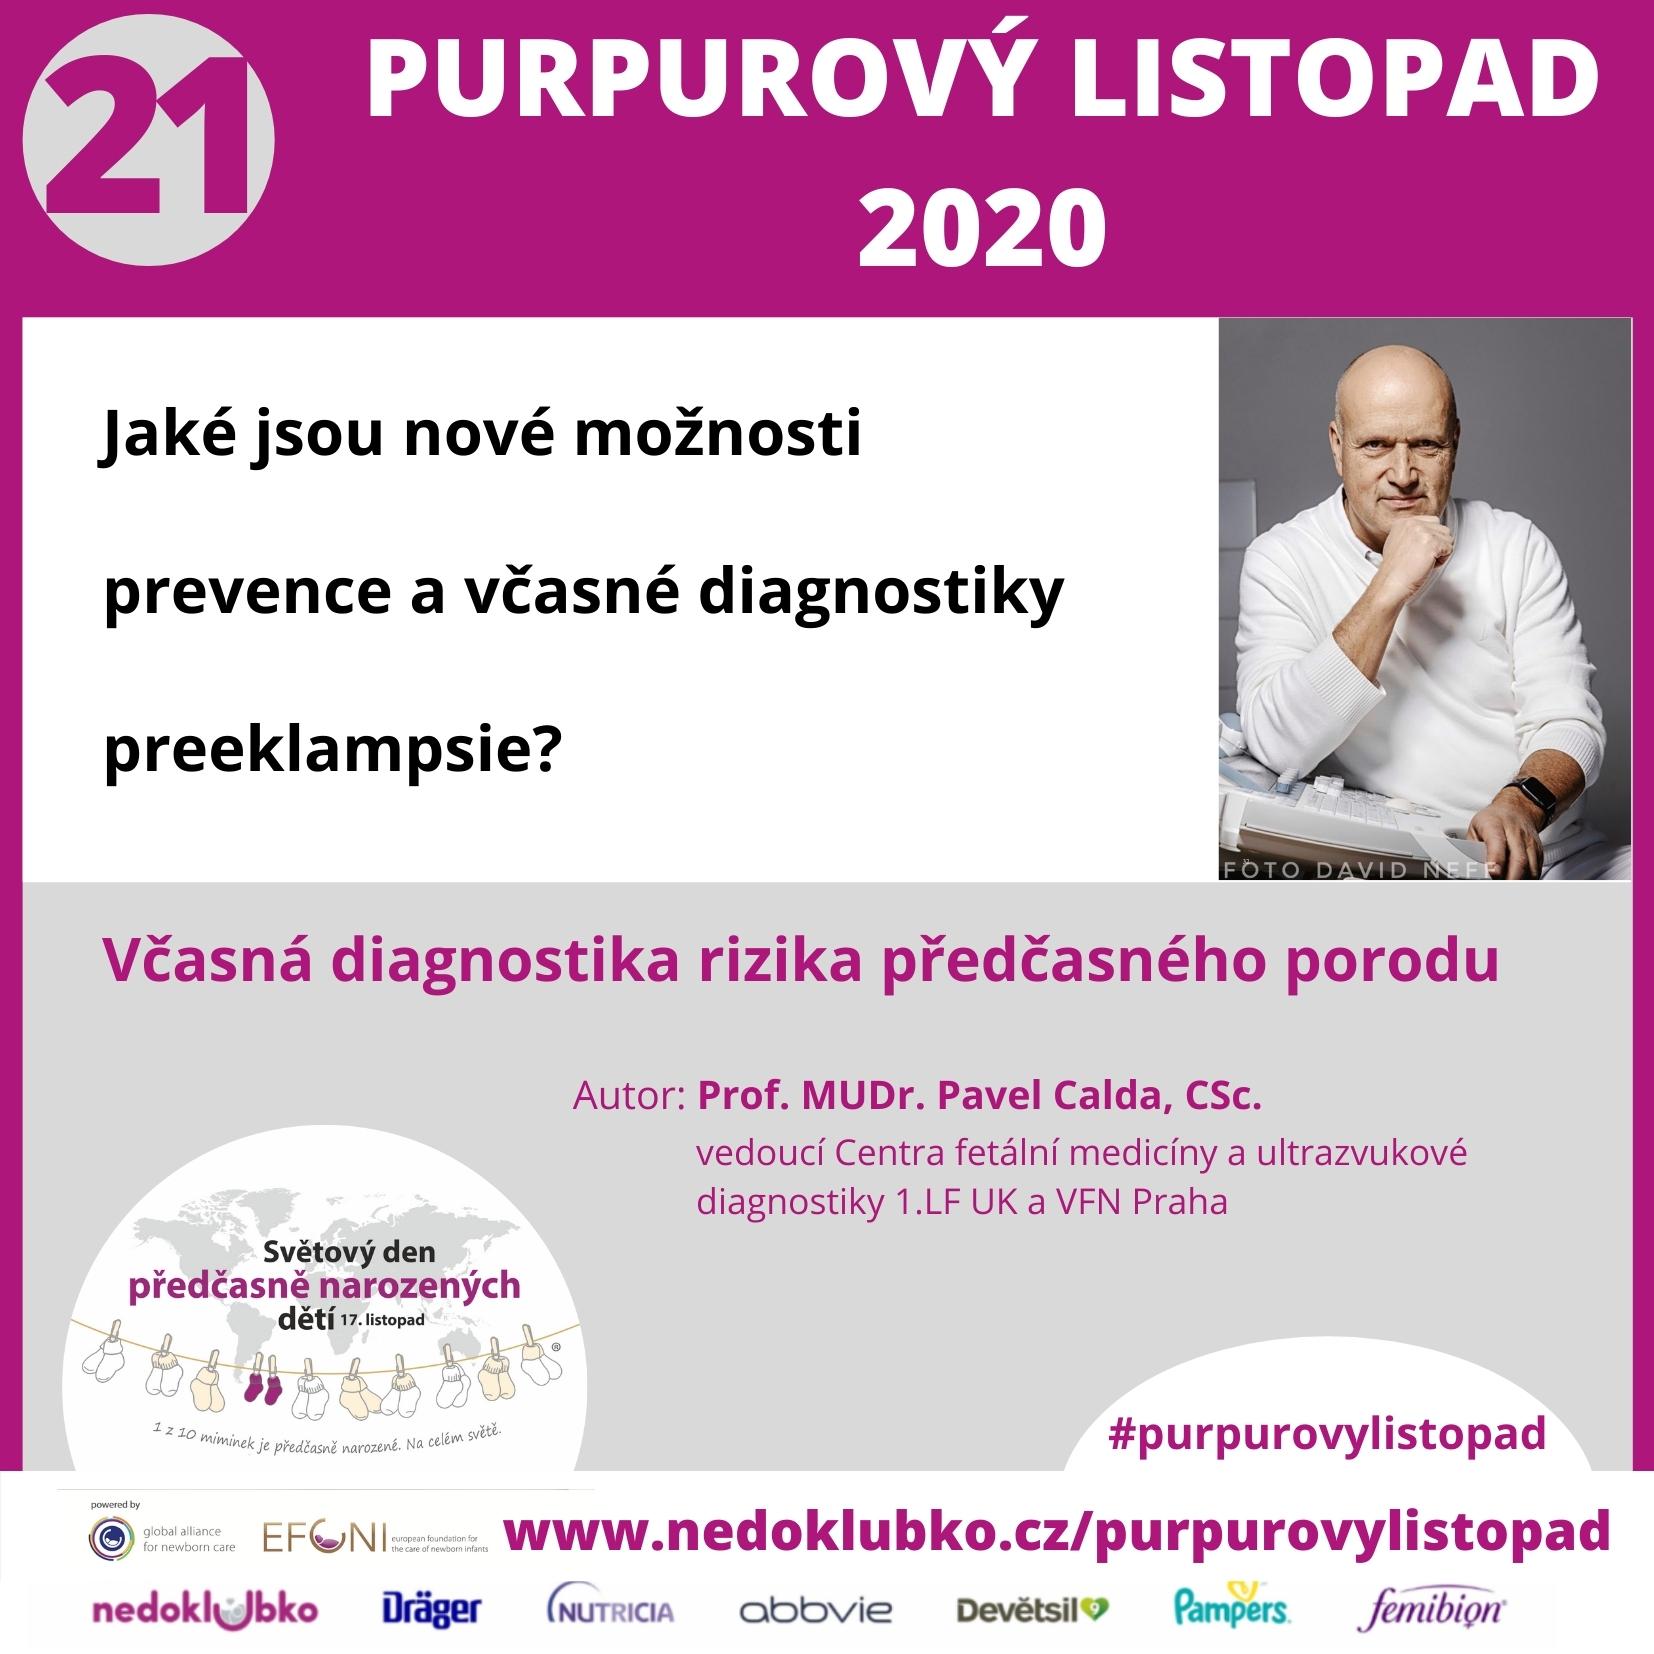 Purpurový listopad21 (6)